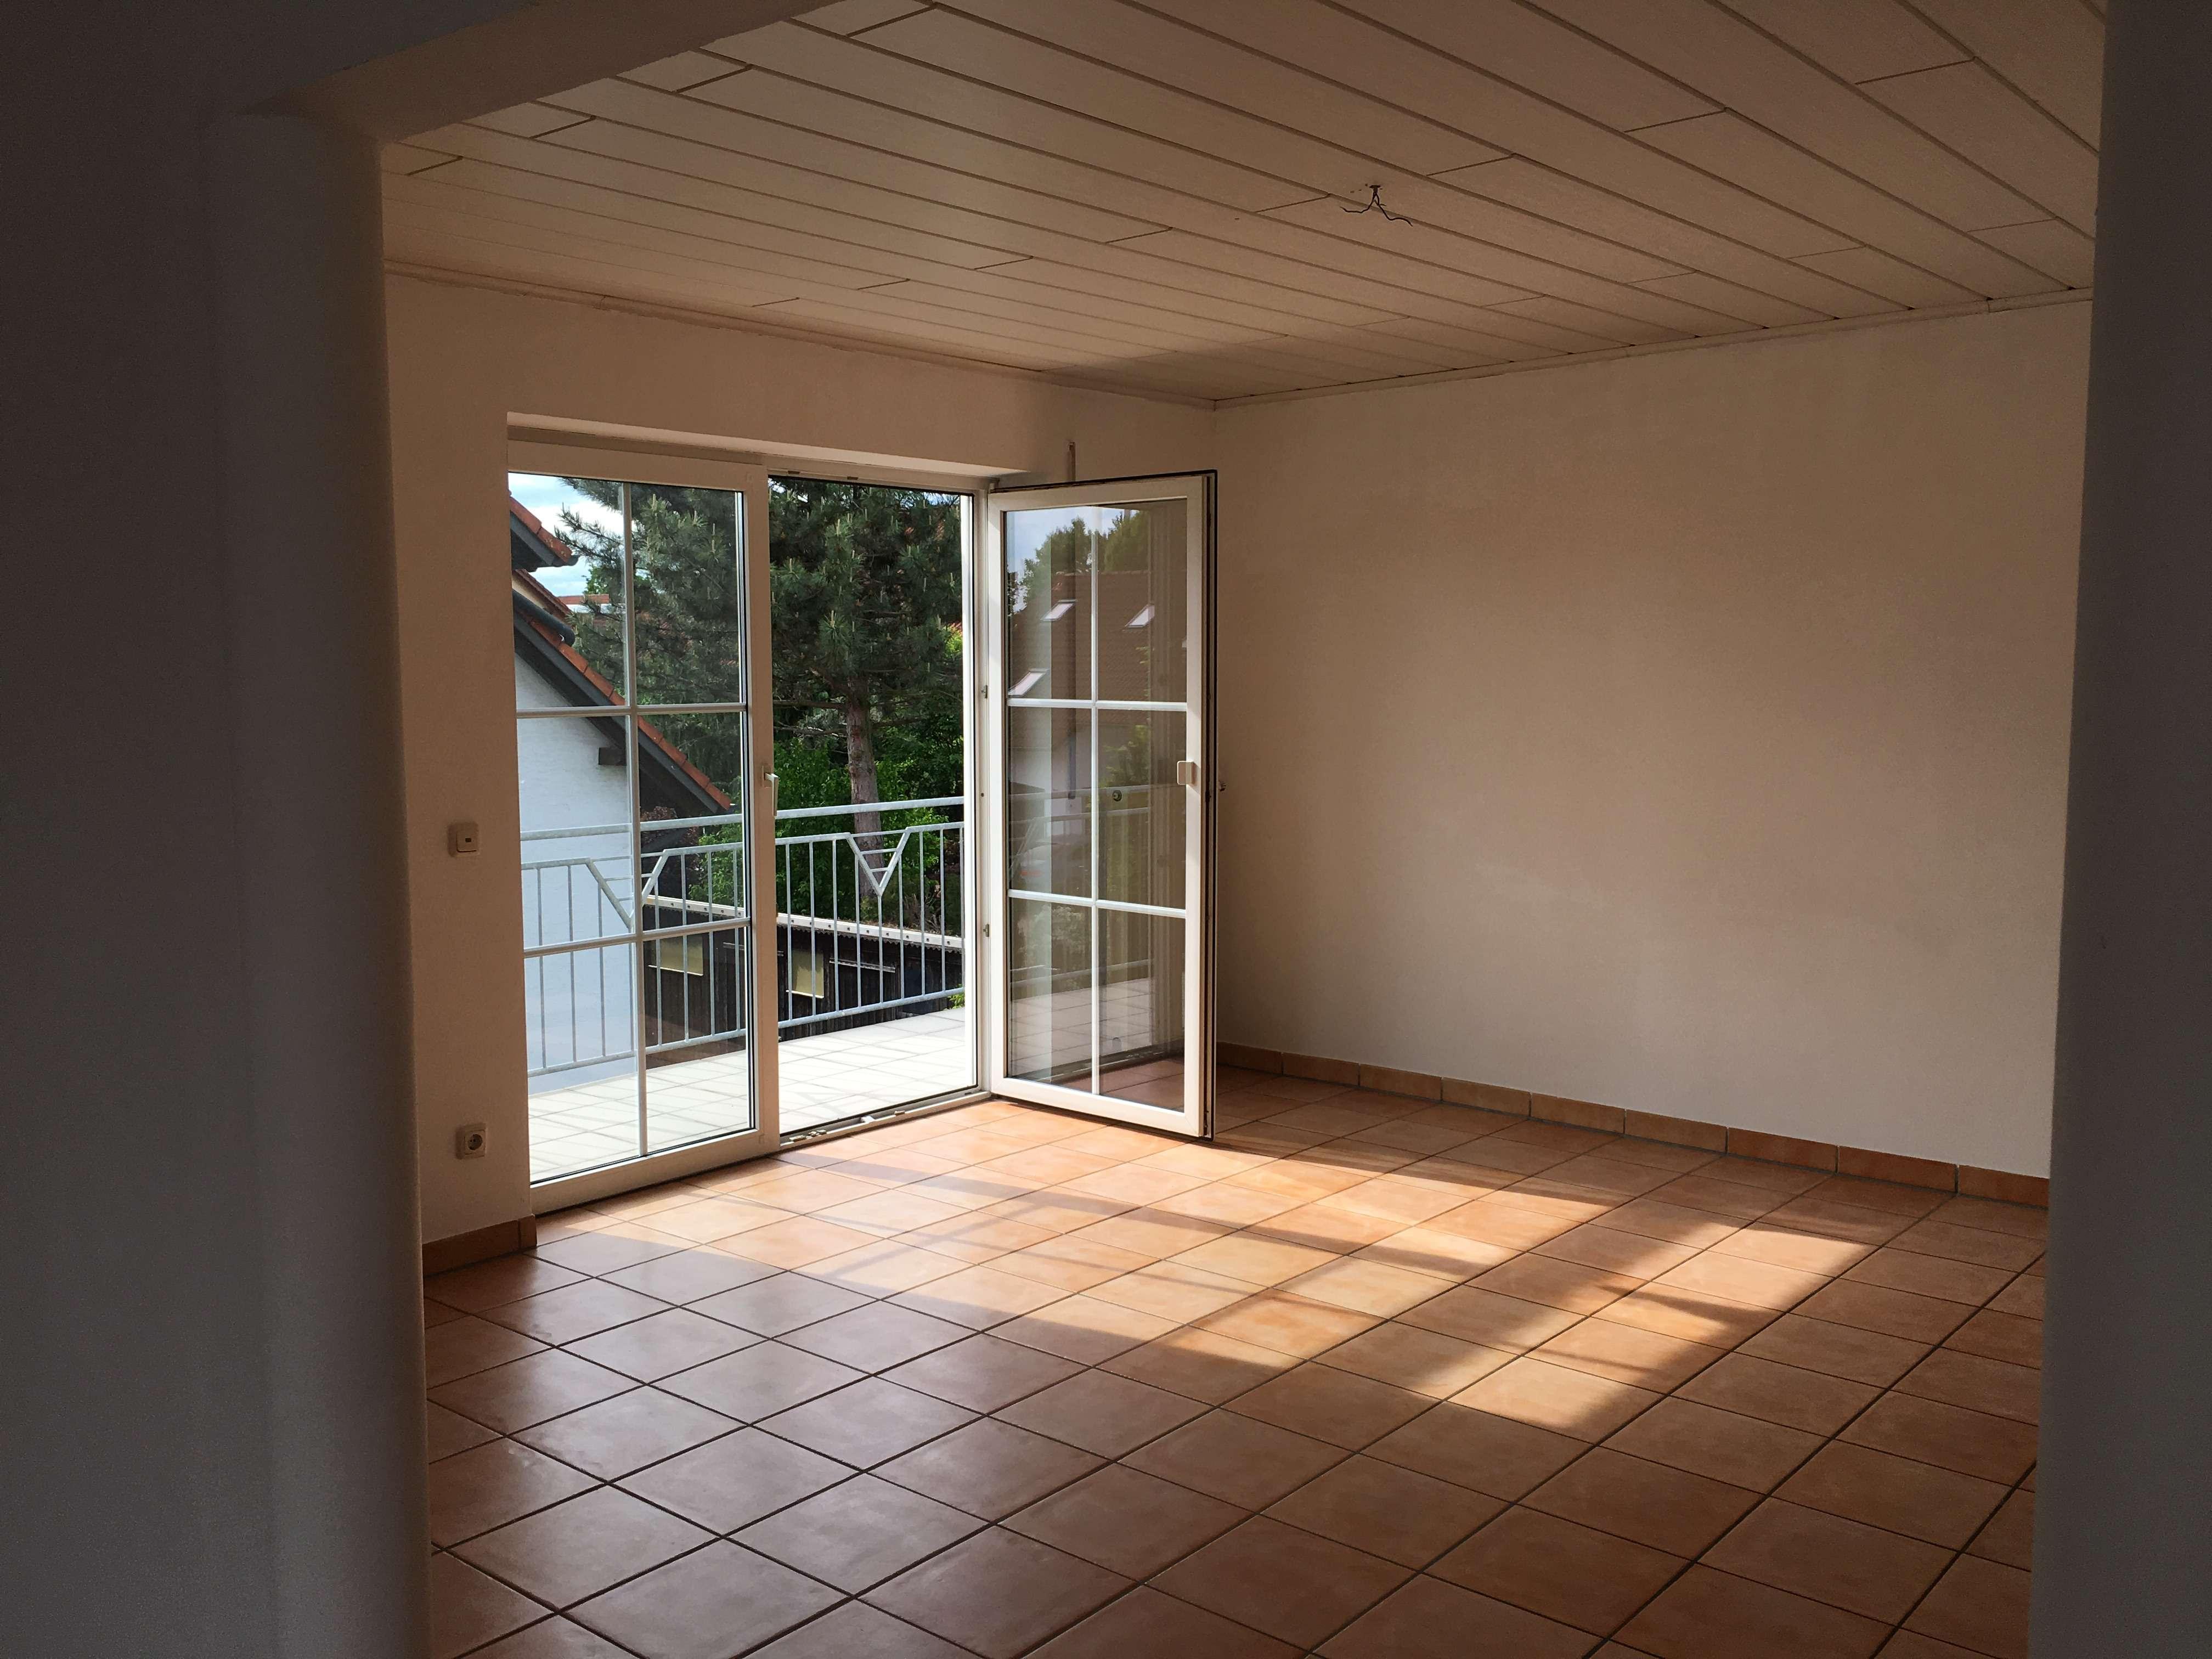 Neuwertige, helle, ruhige 4-Zimmer-Wohnung mit Balkon in Neustadt an der Donau in